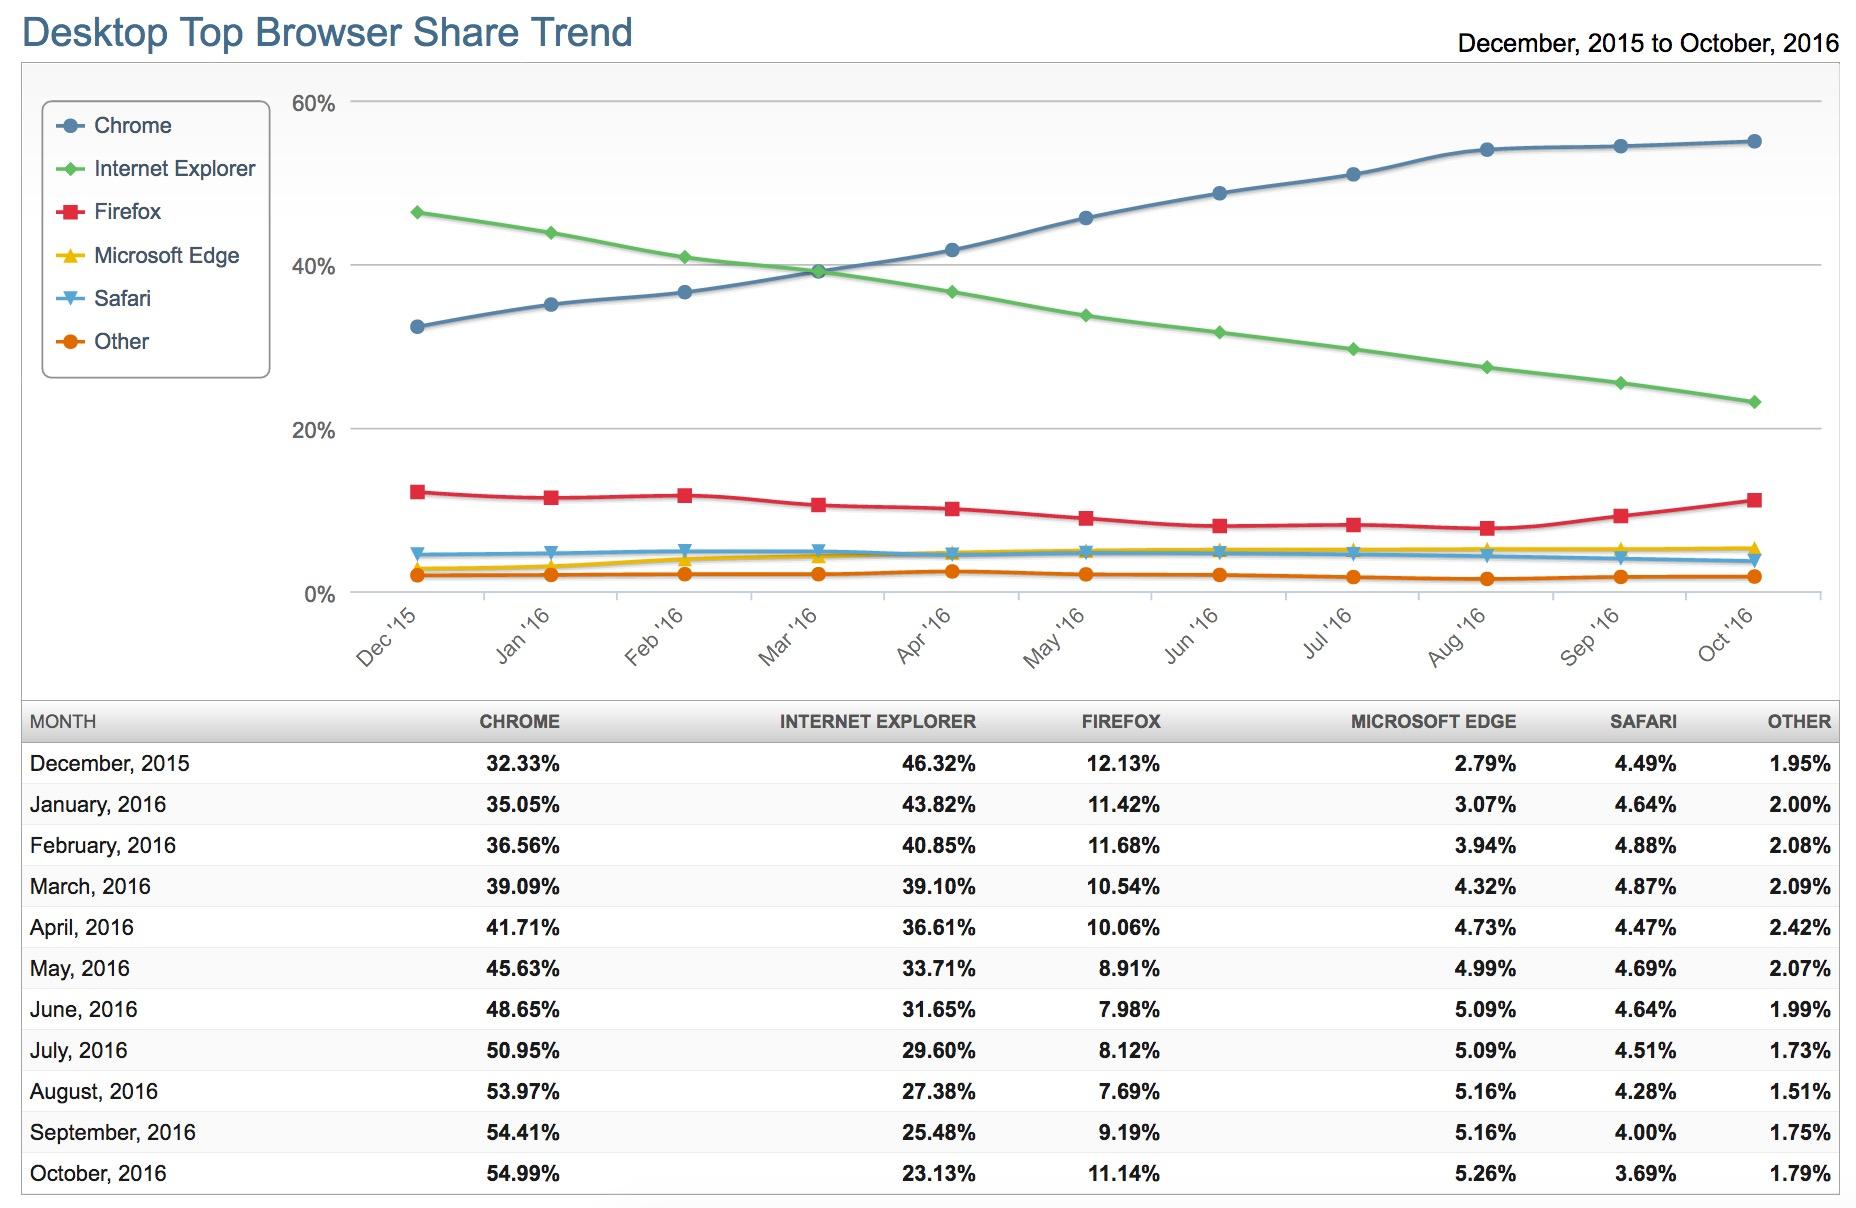 Parts de marché des navigateurs en octobre 2016